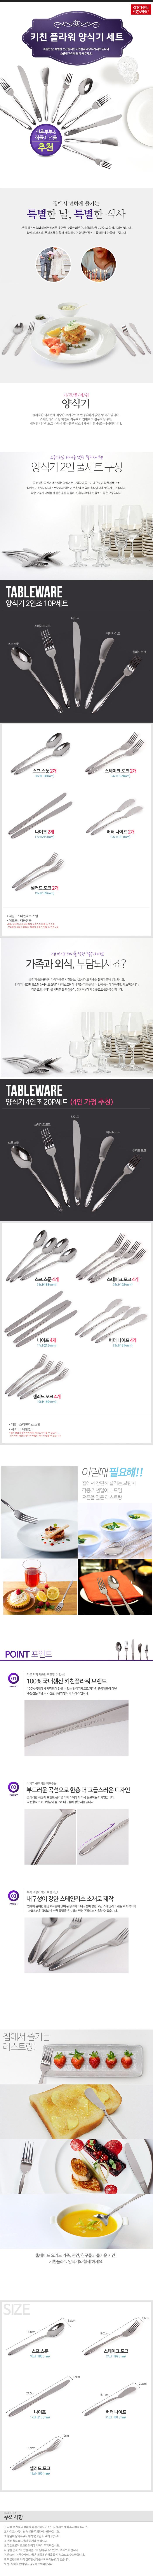 kitchen_flower_cutlery.jpg